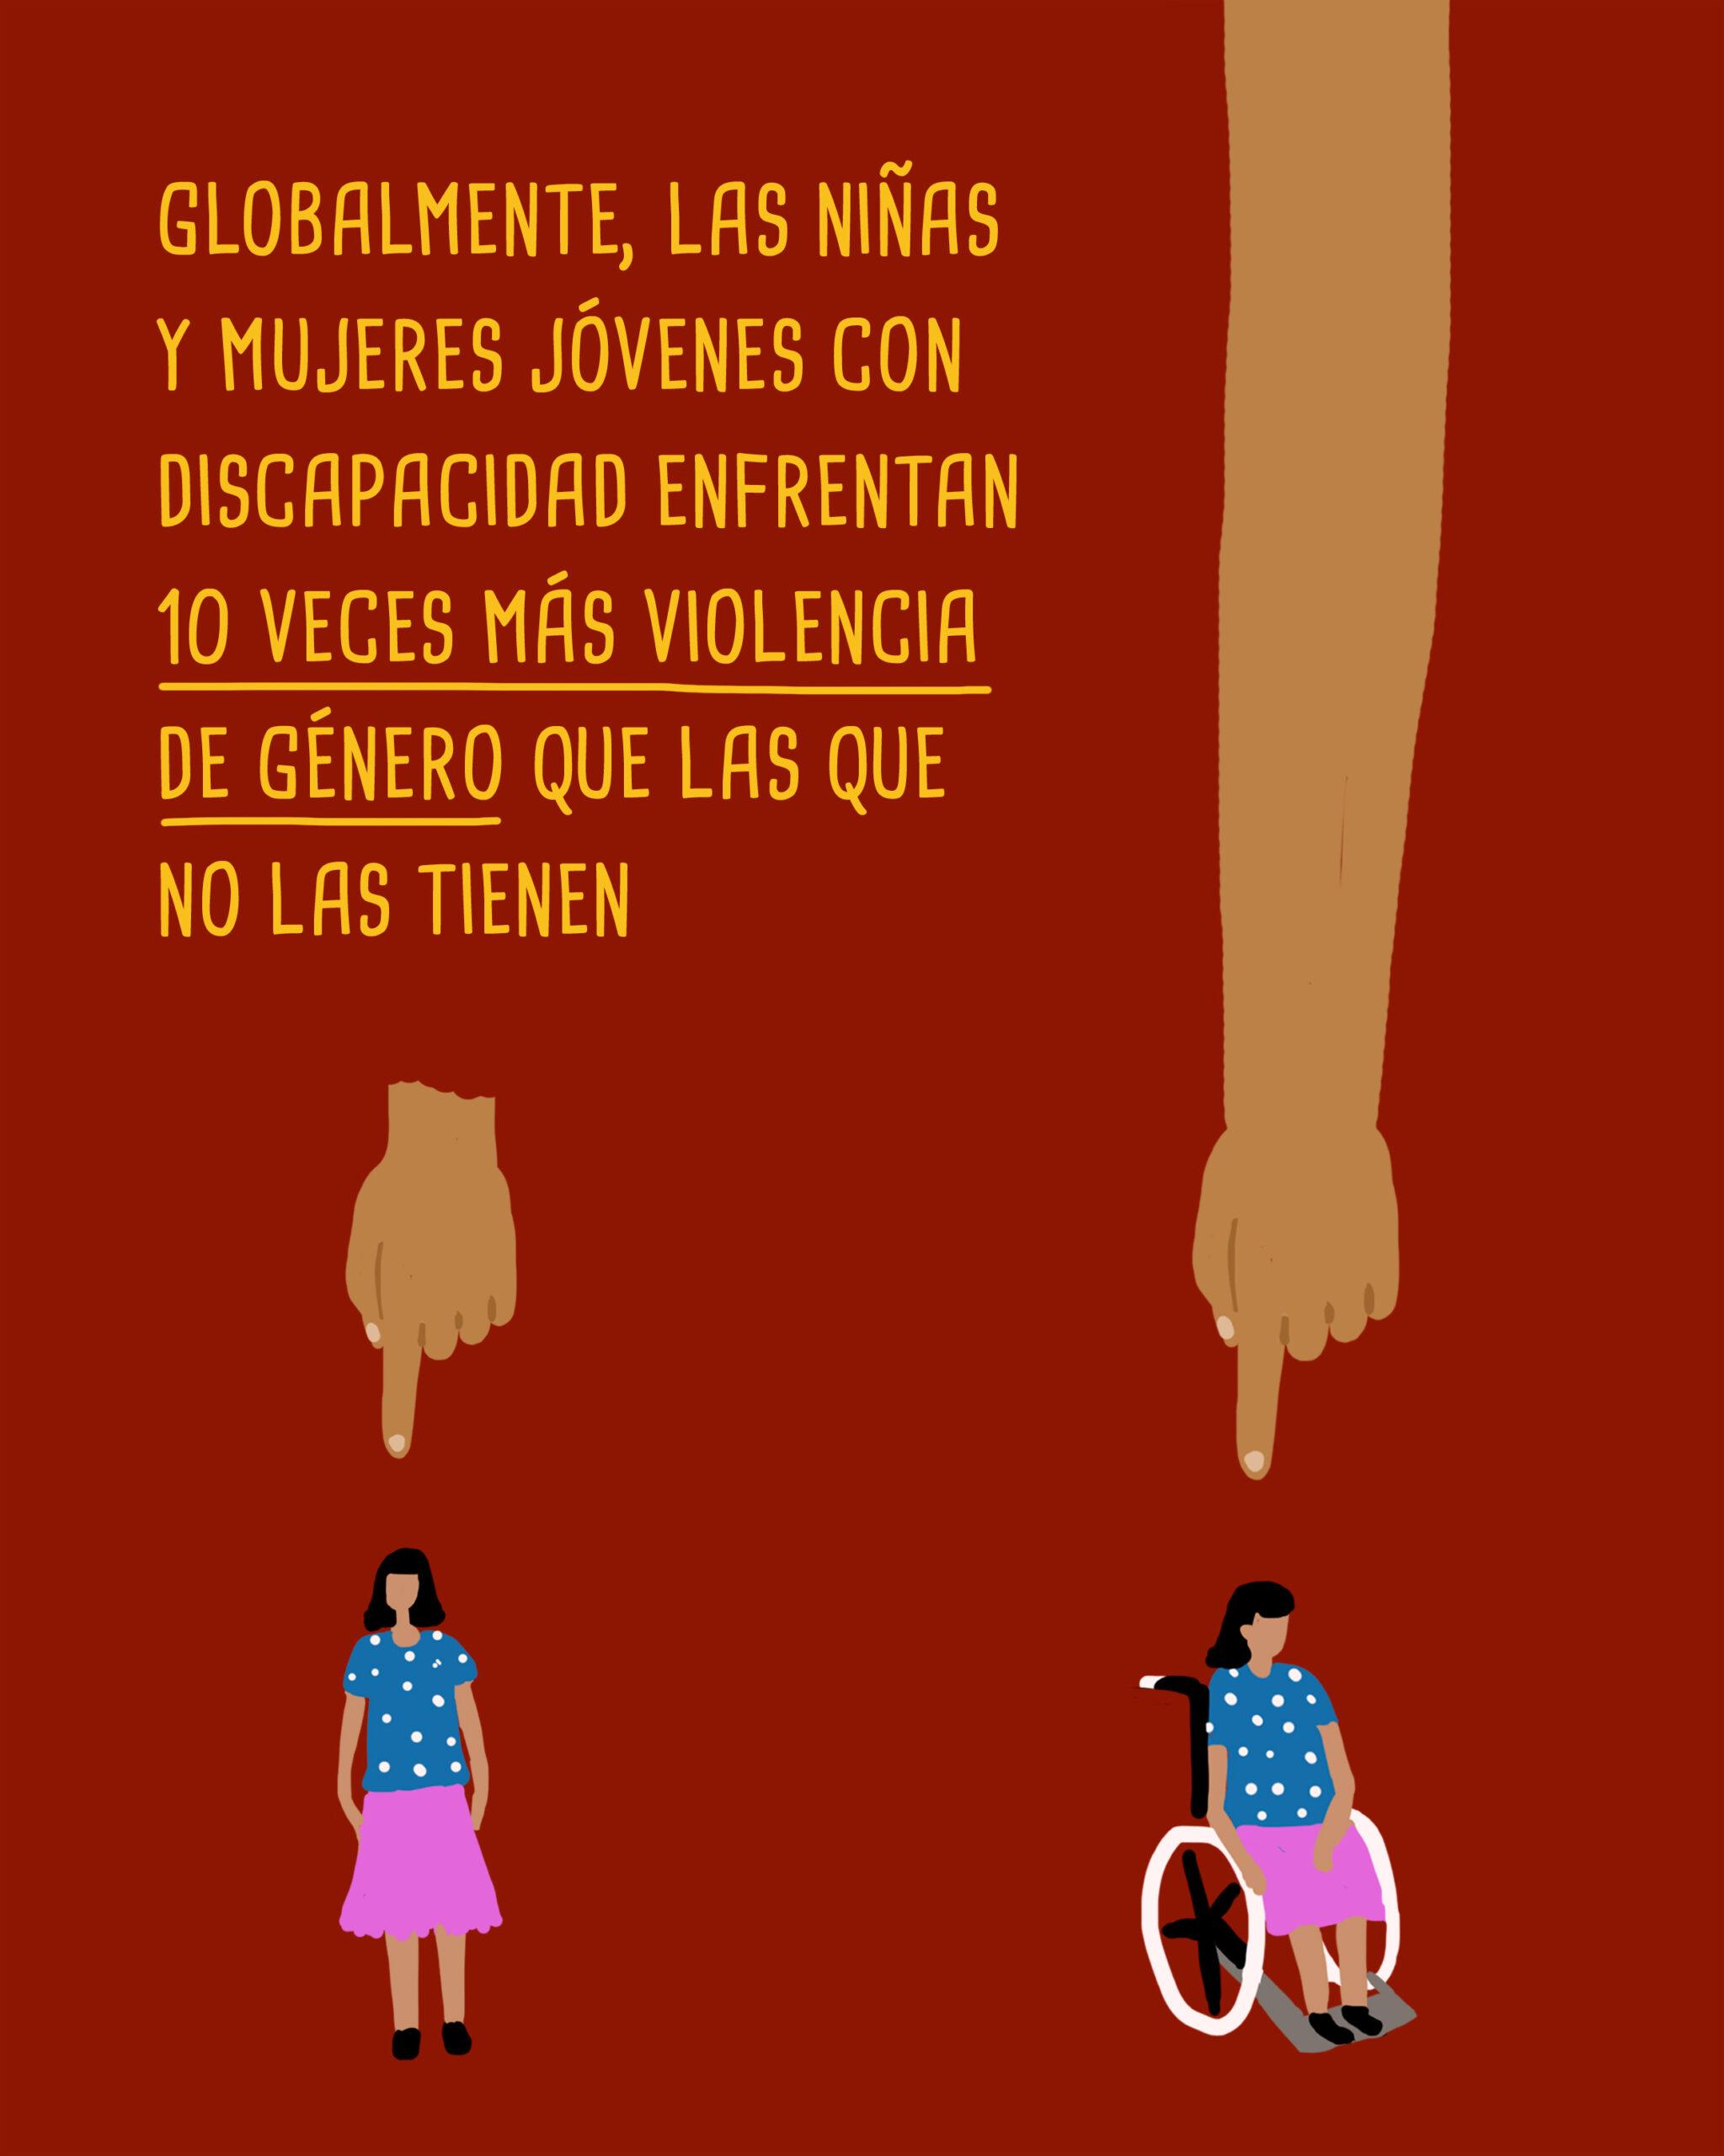 Ilustración: una mano que señala a una persona sin discapacidad y otra mano que señala a una persona con discapacidad motora. Un texto que dice: globalmente, las niñas y mujeres jóvenes con discapacidad enfrentan 10 veces más violencia de género que las que no las tienen.